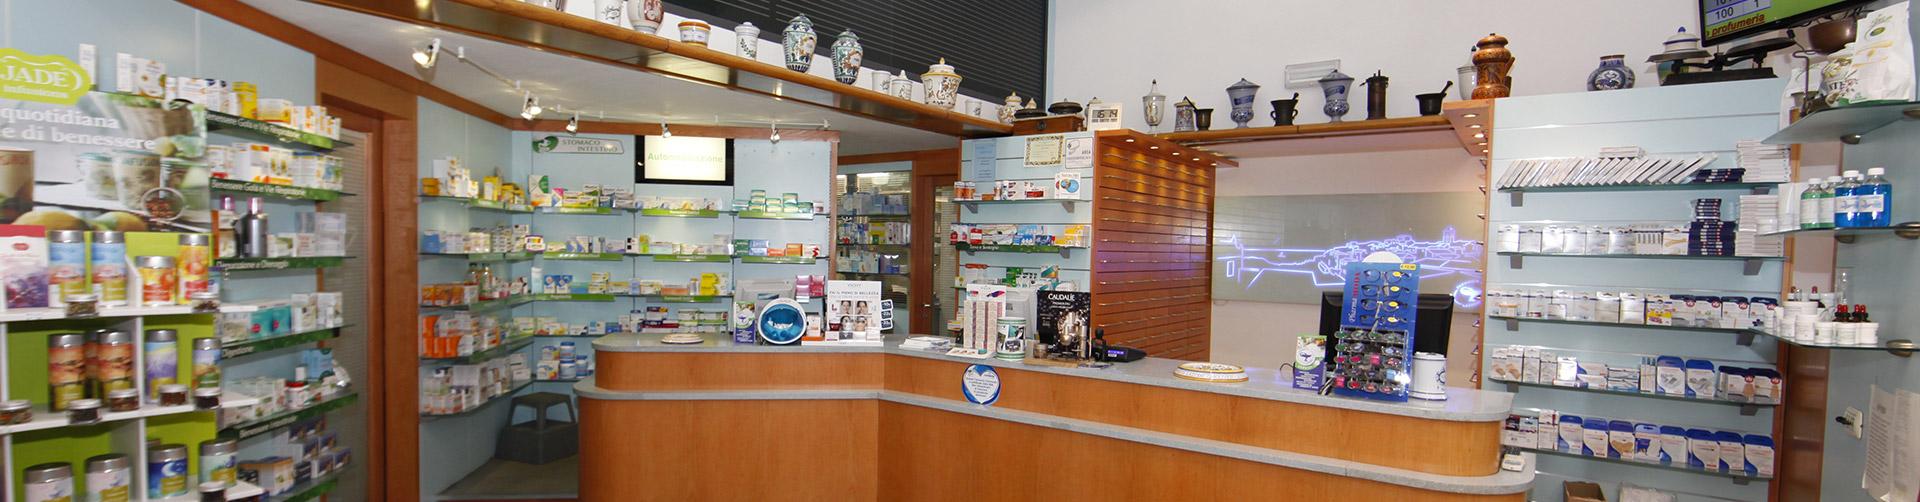 Farmacia Capoliveri